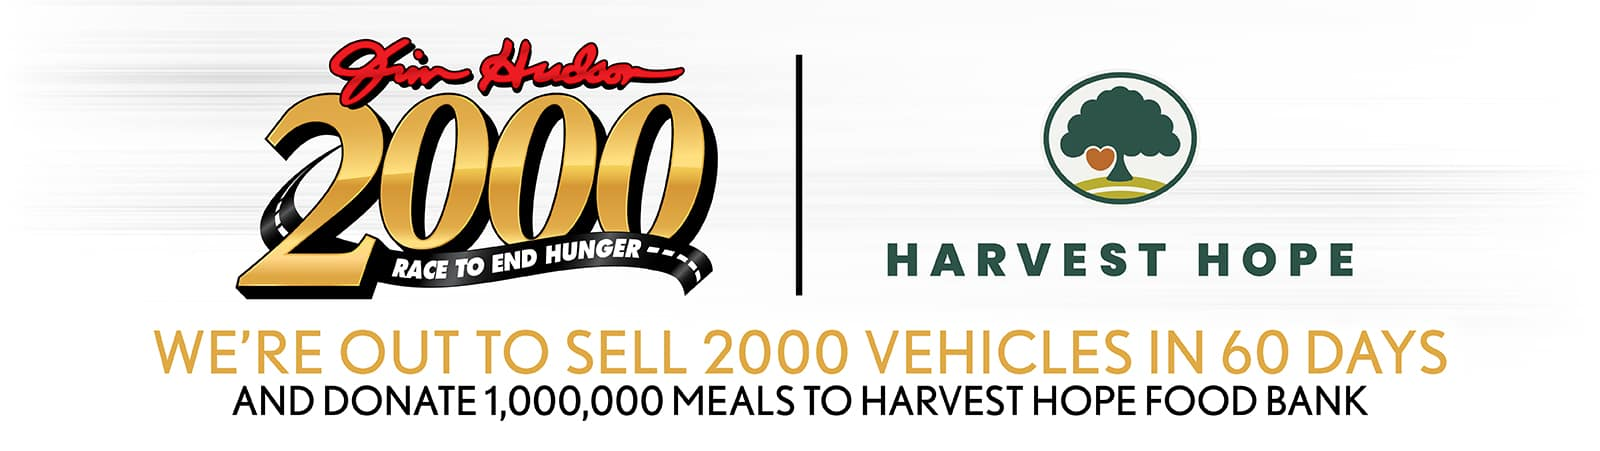 2000 sales race